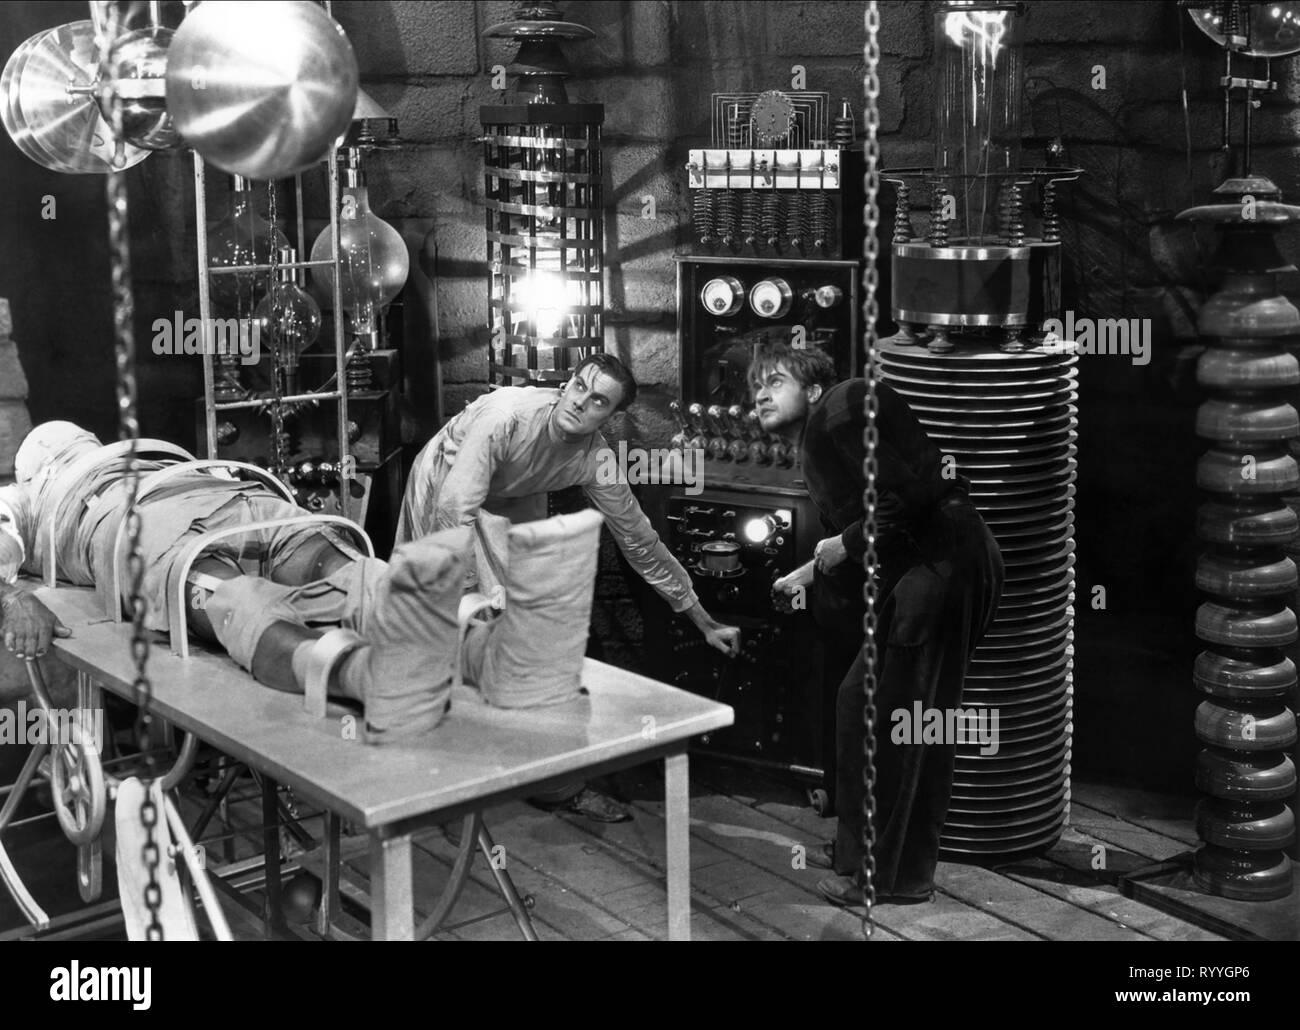 clivefrye-frankenstein-1931-RYYGP6.jpg